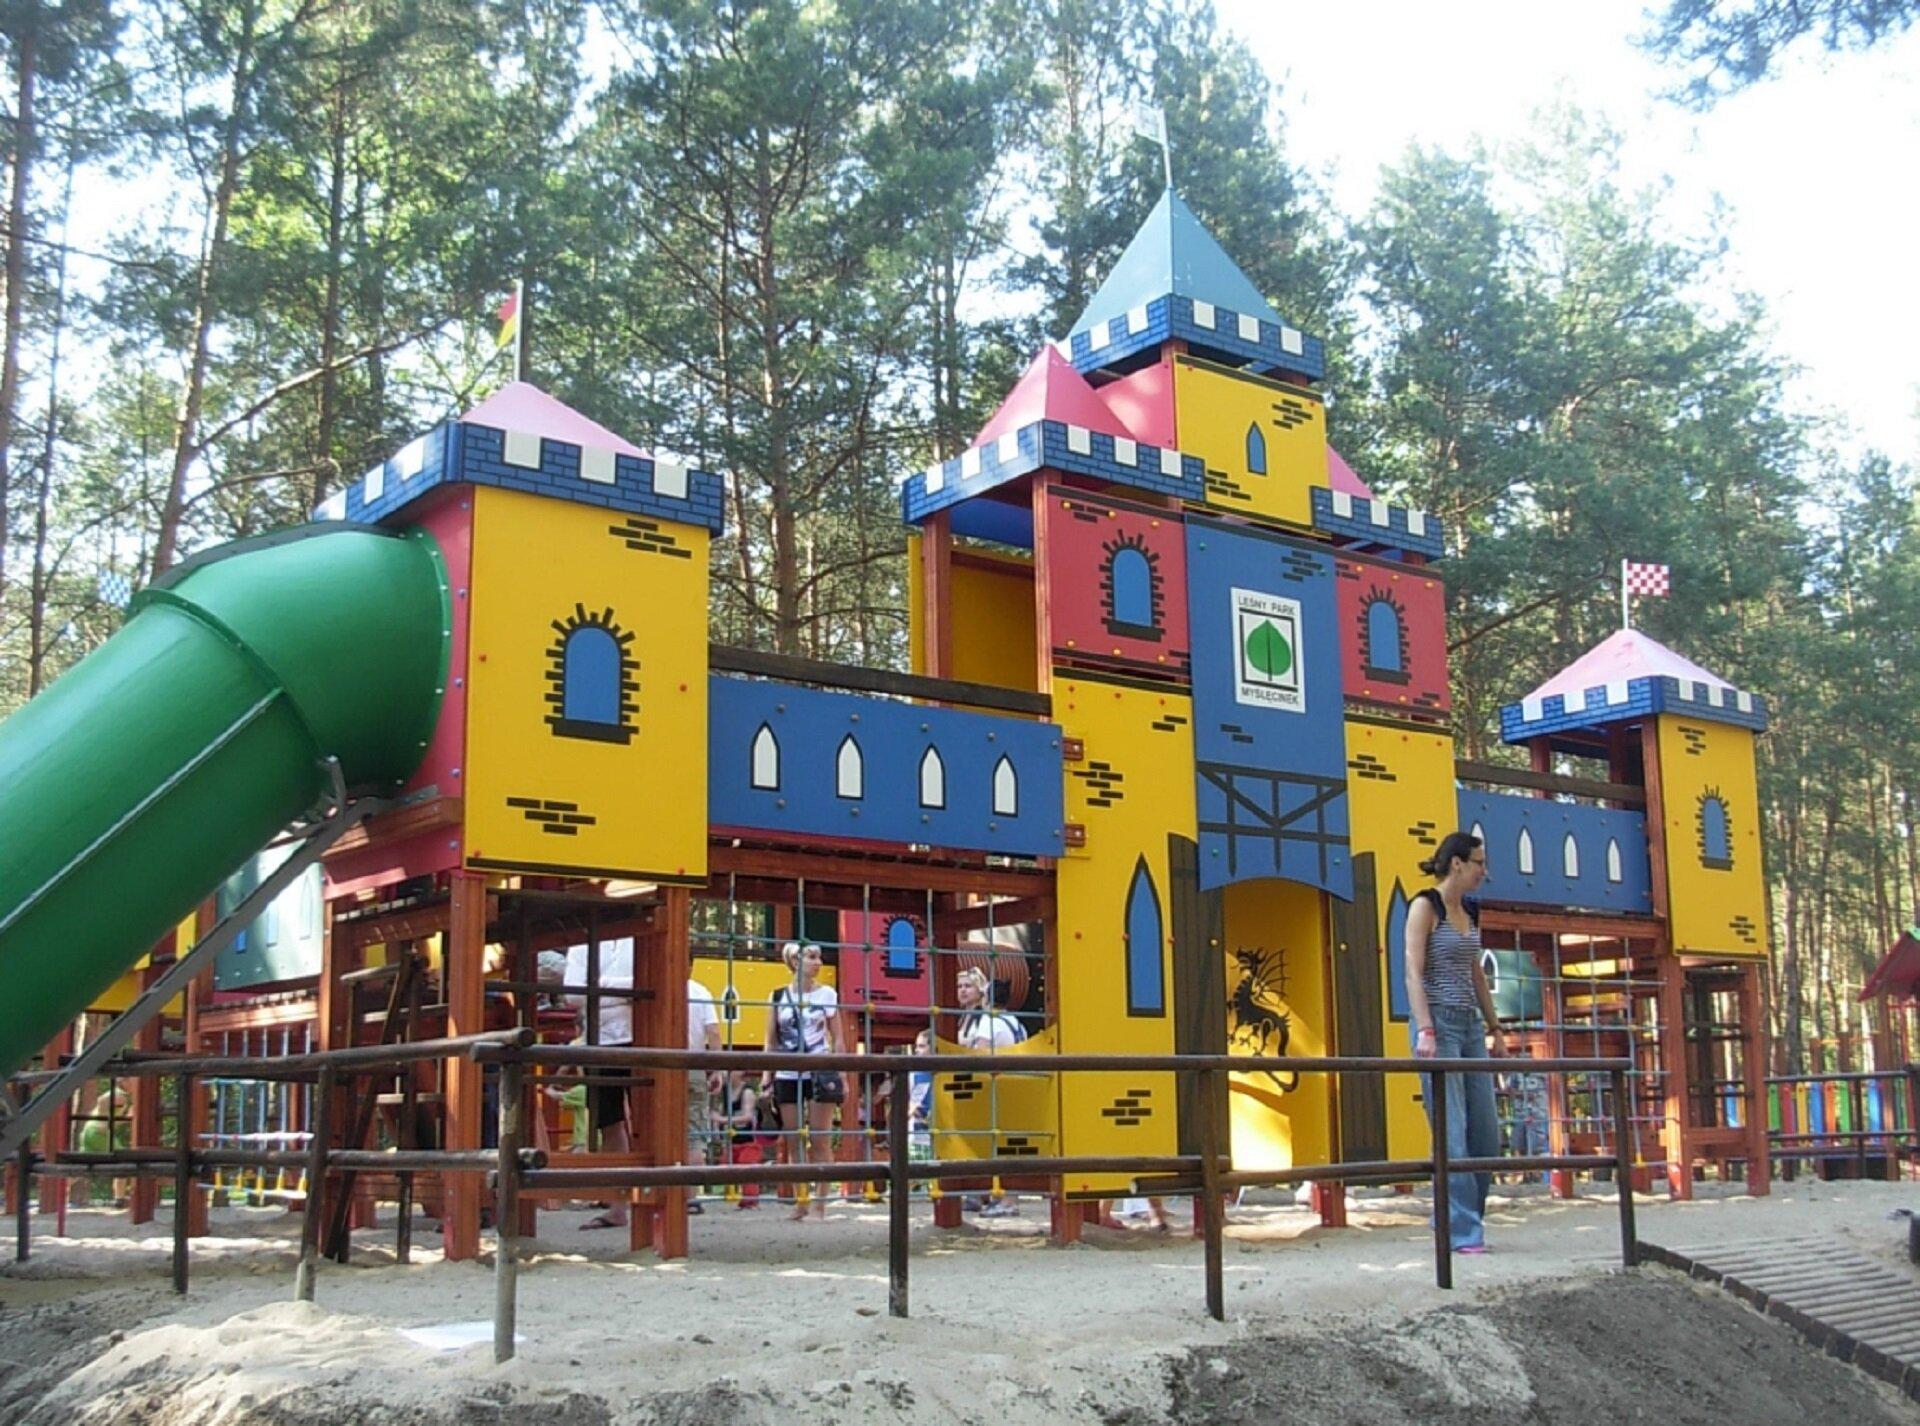 """Ilustracja przedstawia plac zabaw wLeśnym Parku Kultury iWypoczynku """"Myślęcinek"""" wBydgoszczy. Na zdjęciu ukazana jest drewniana, stylizowana na zamek budowla dla dzieci zdrabinkami izieloną, plastikową zjeżdżalnią. Elementy konstrukcji zwieńczone są spiczastymi daszkami zchorągiewkami. Na niebiesko-żółto-czerwonych ściankach namalowano okienka. Na dalszym planie znajdują się pozostałe elementy placu zabaw iwysokie, zielone drzewa. Całość otoczona jest drewnianym płotkiem."""